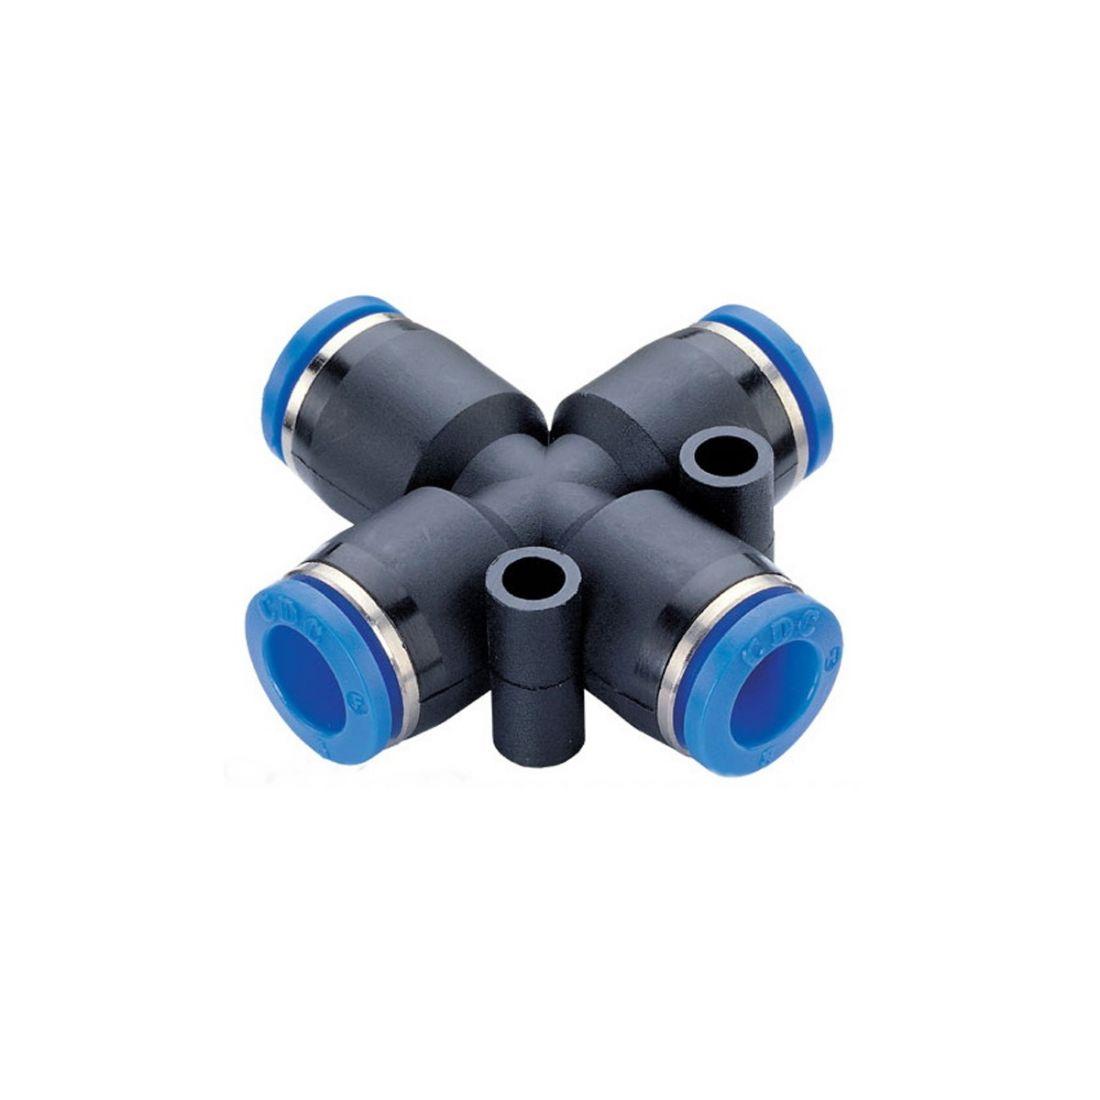 Крестовой быстросъем для пневмошлангов, под шланг 10х6 мм